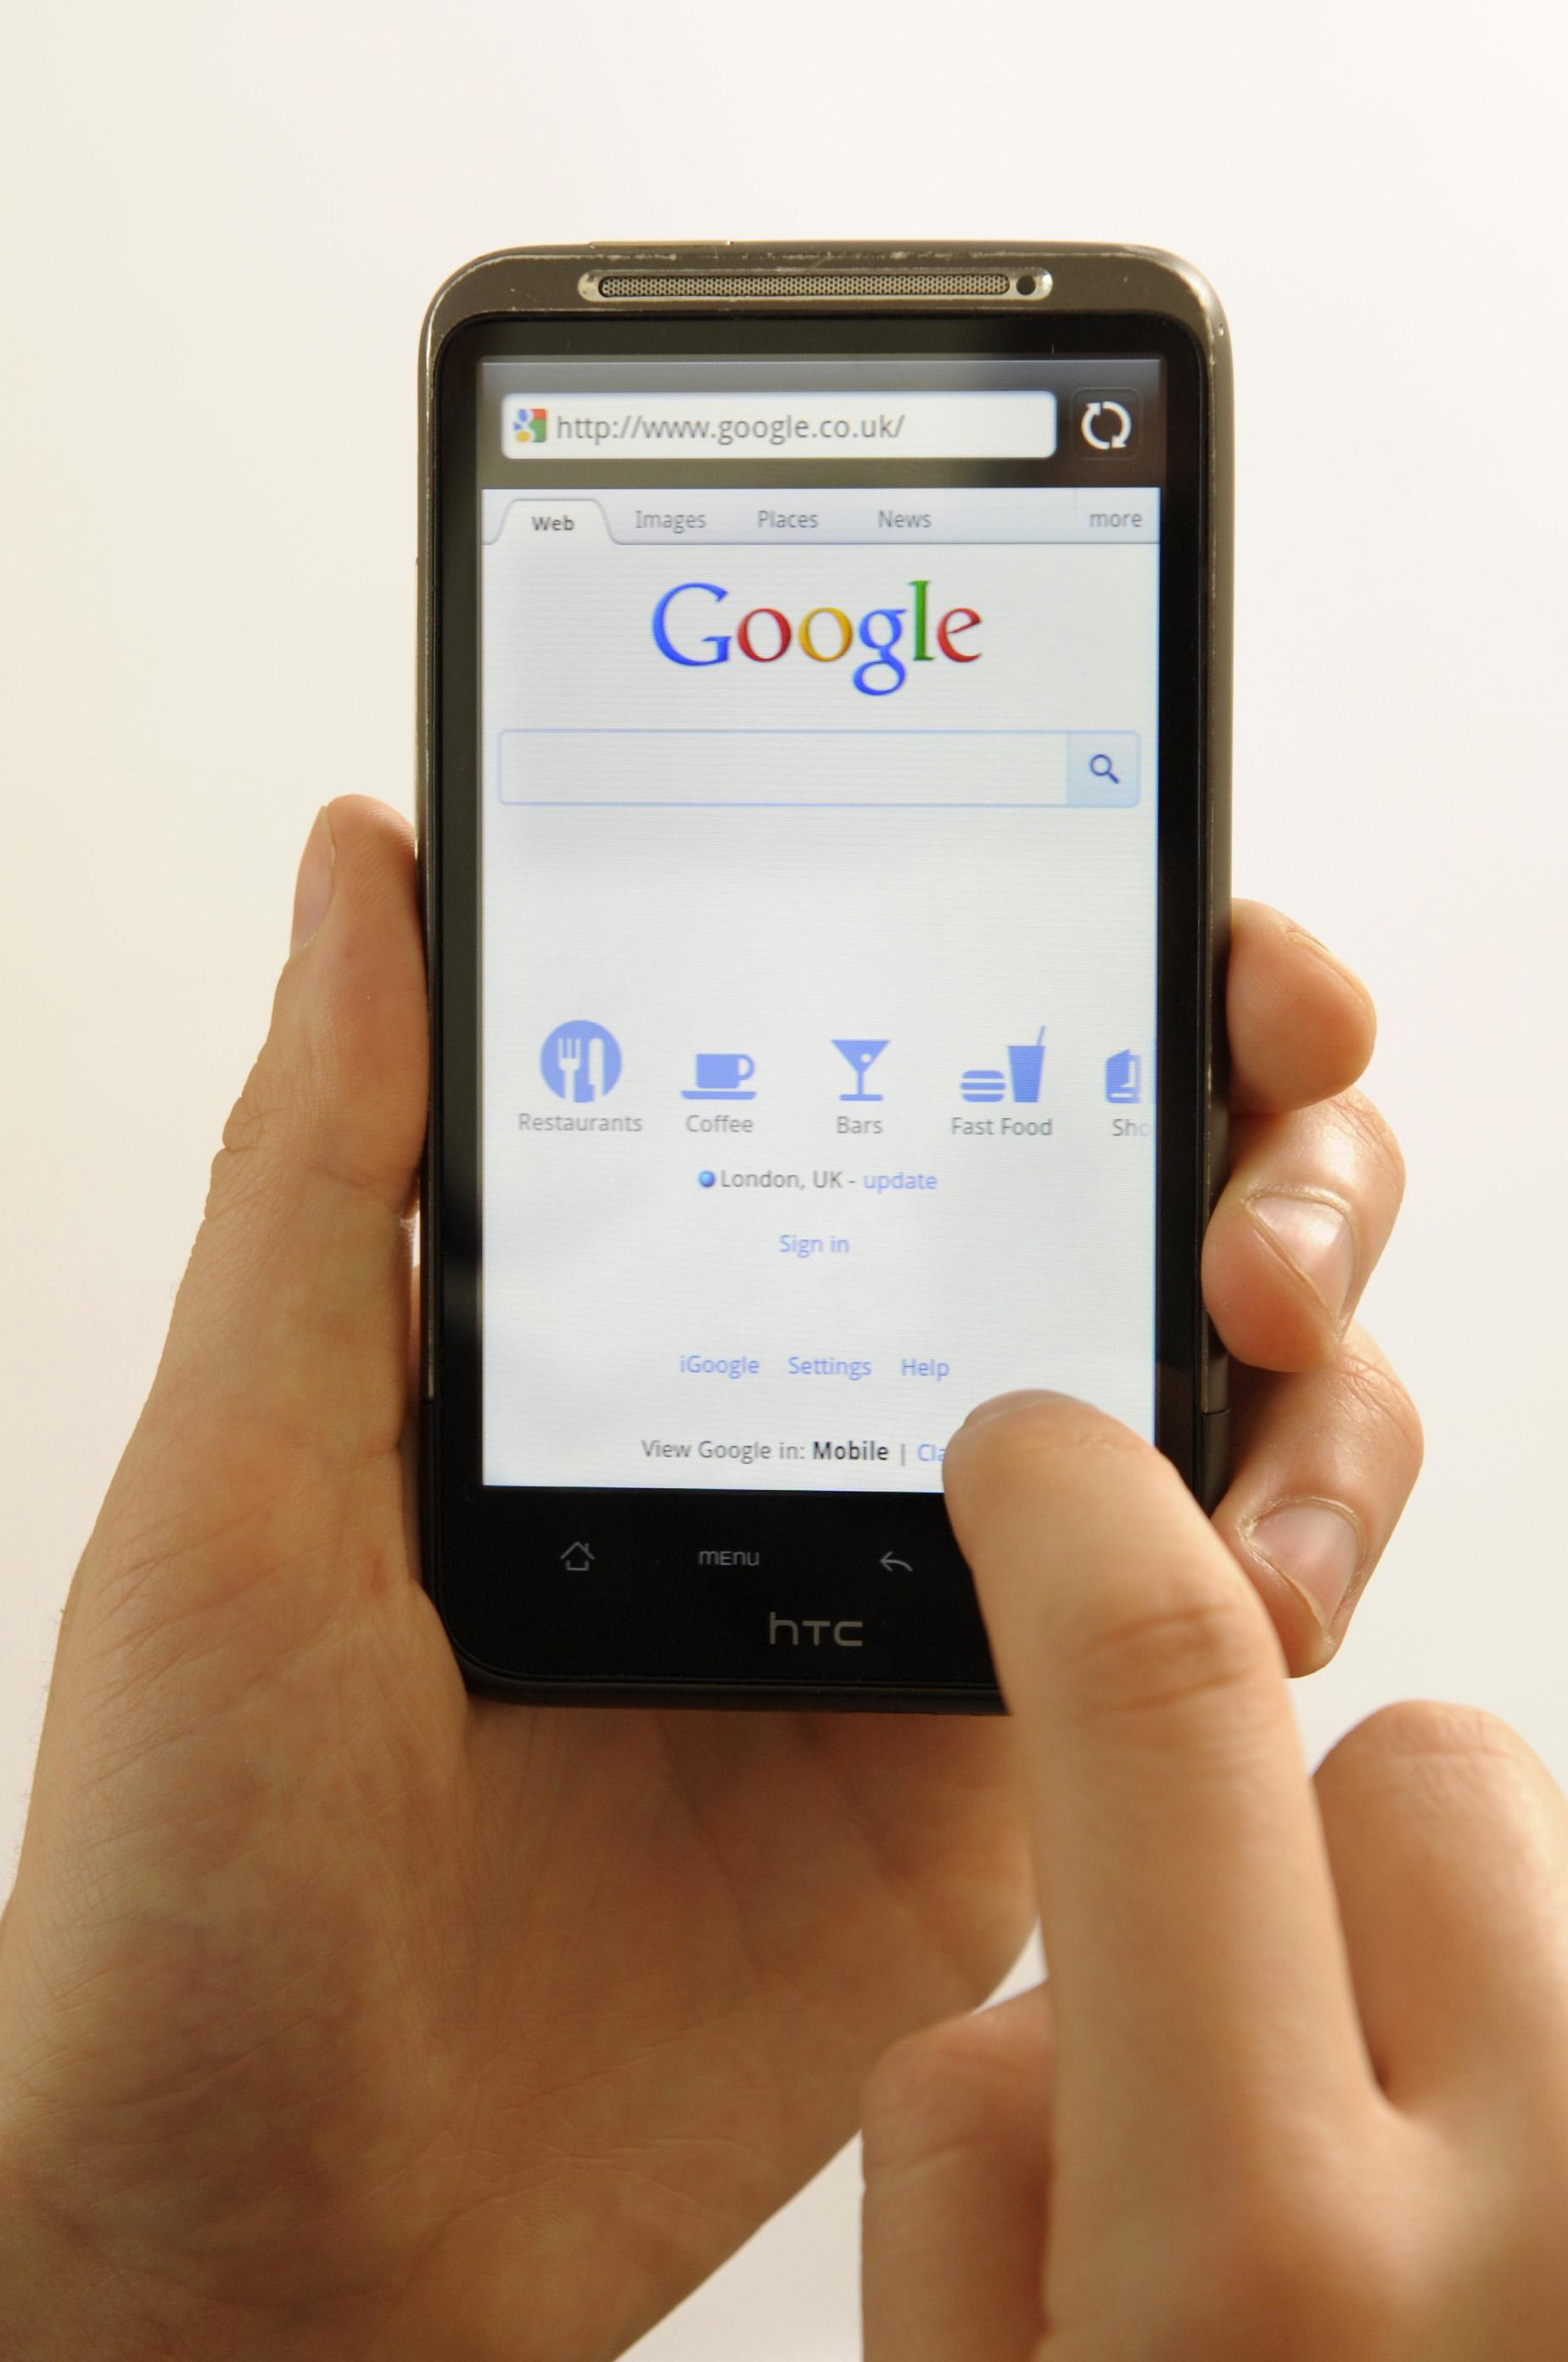 Google Posts $3.9bn Q2 Profits